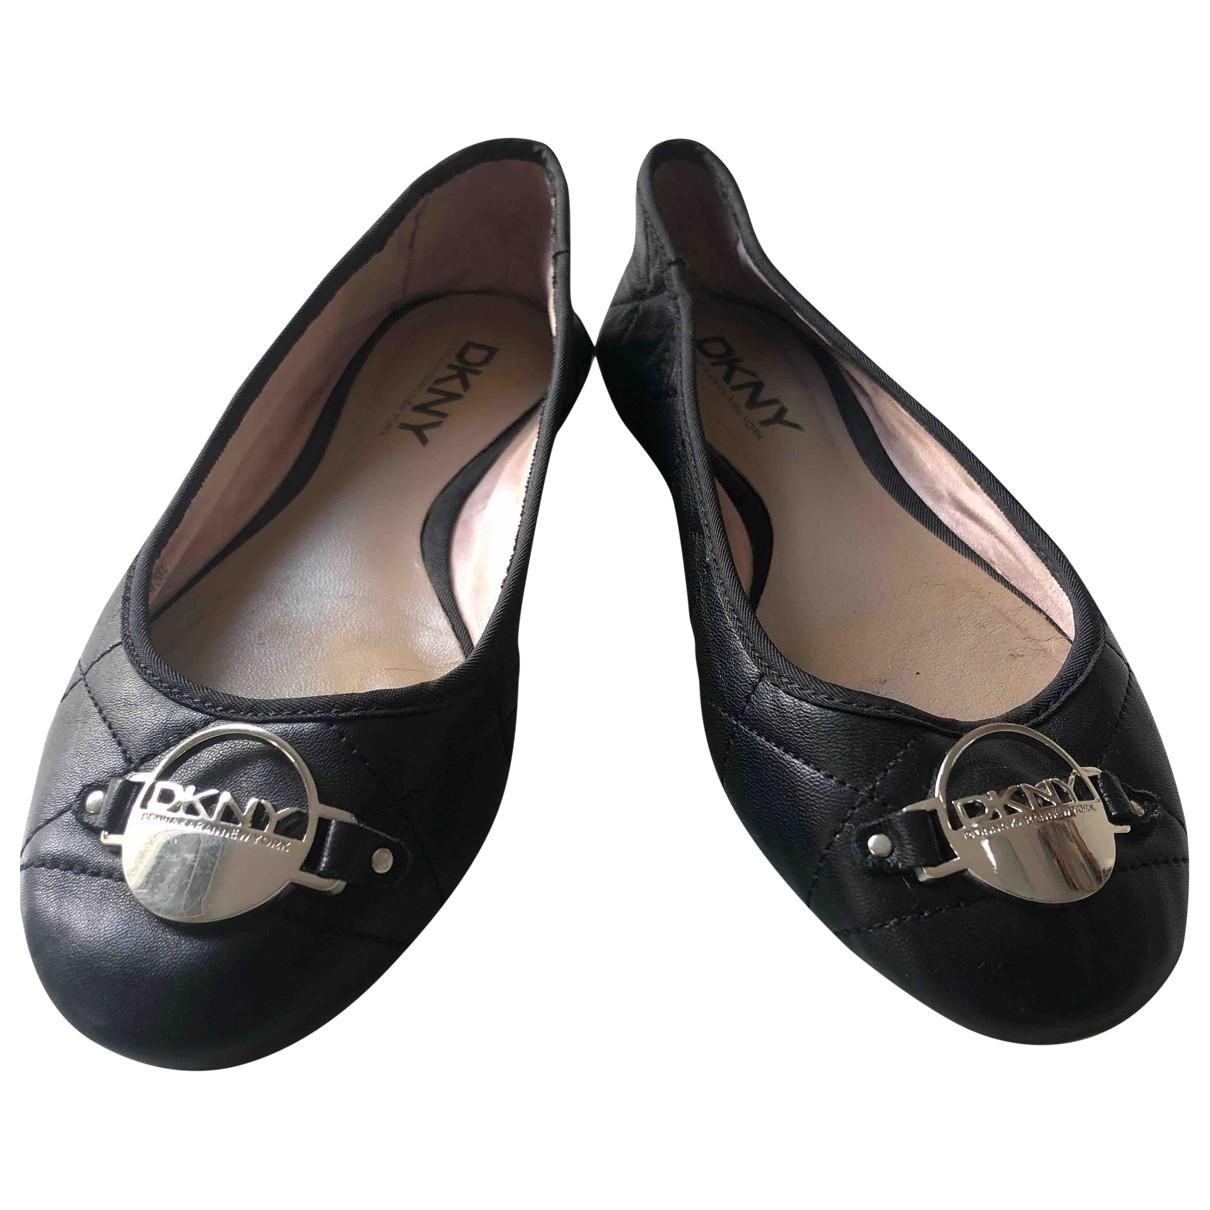 Donna Karan \N Black Leather Ballet flats for Women 6 US